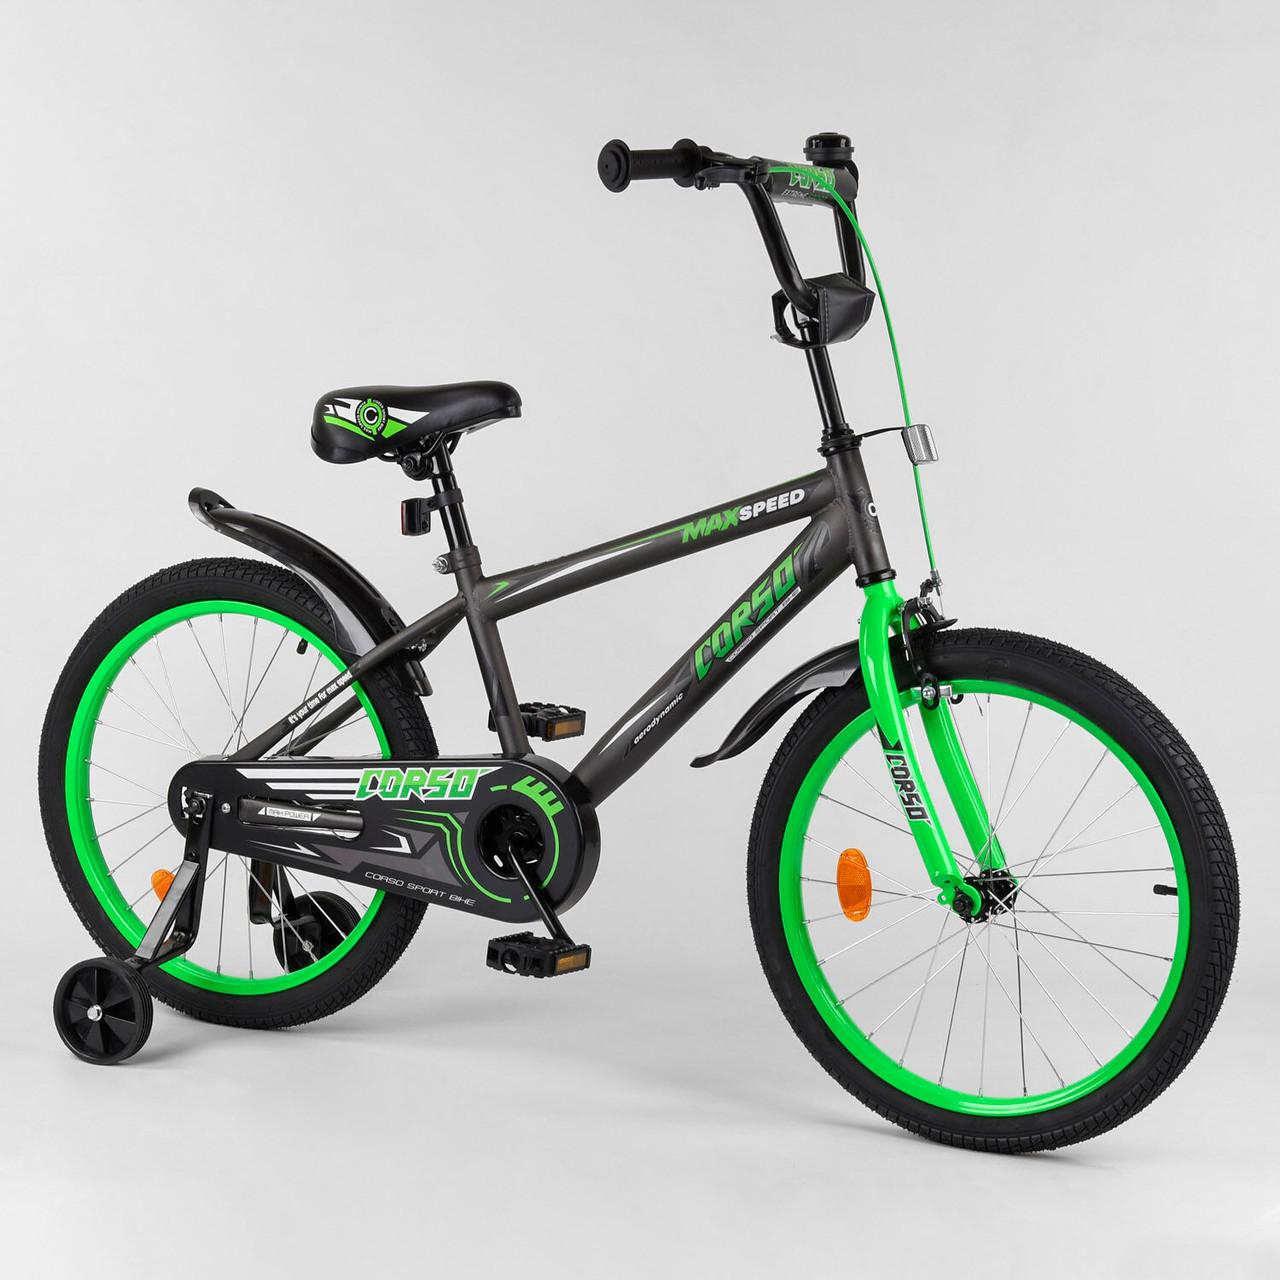 Велосипед дитячий для хлопчика дівчинки 7 8 9 років колеса 20 дюймів Corso EX-20 N 2955